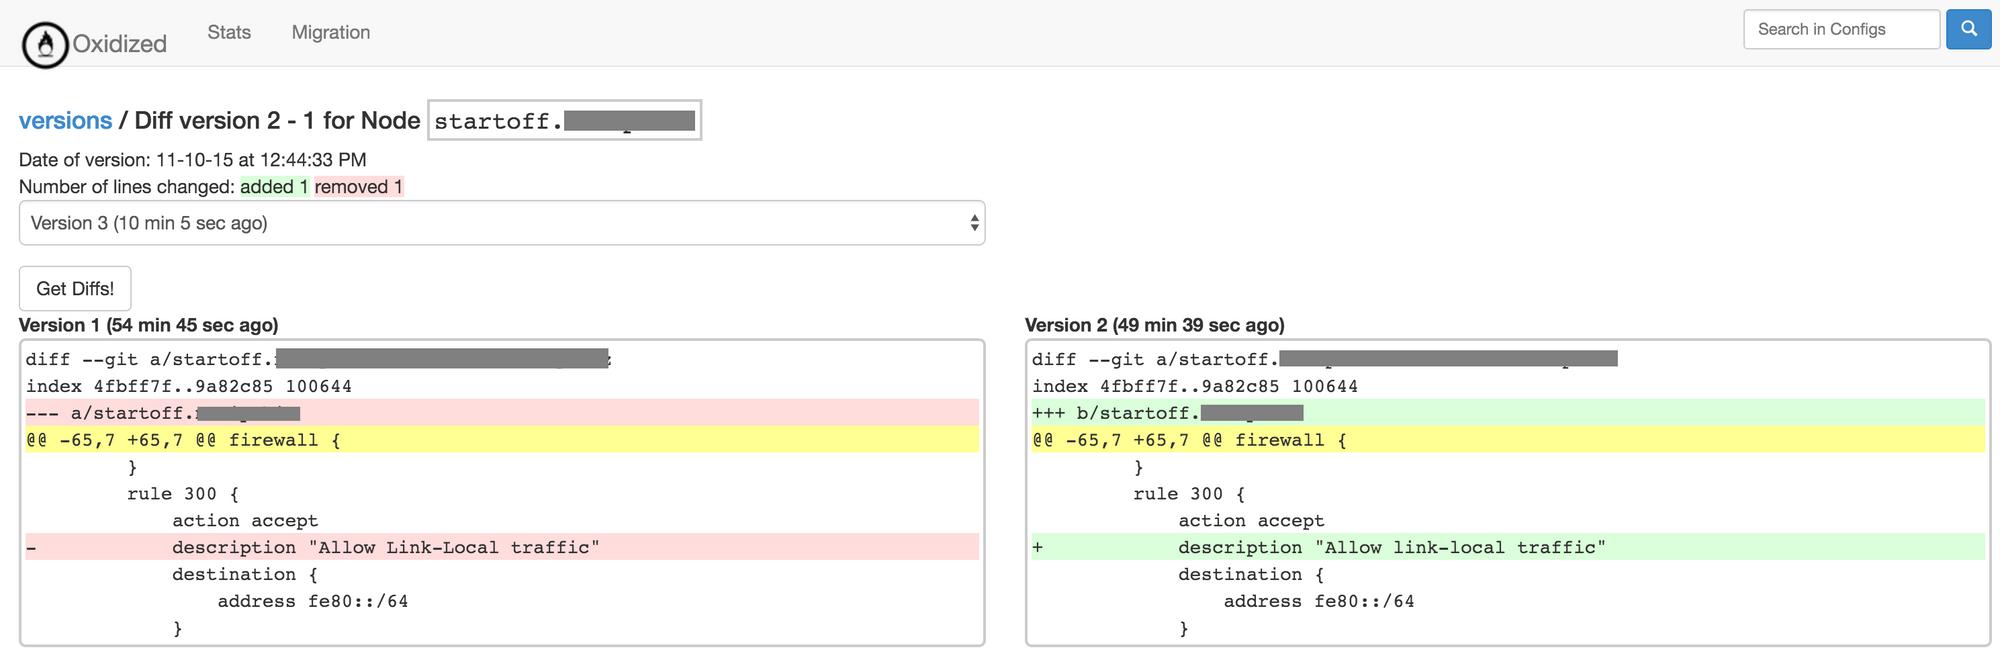 Backup Configuration? | Ubiquiti Community